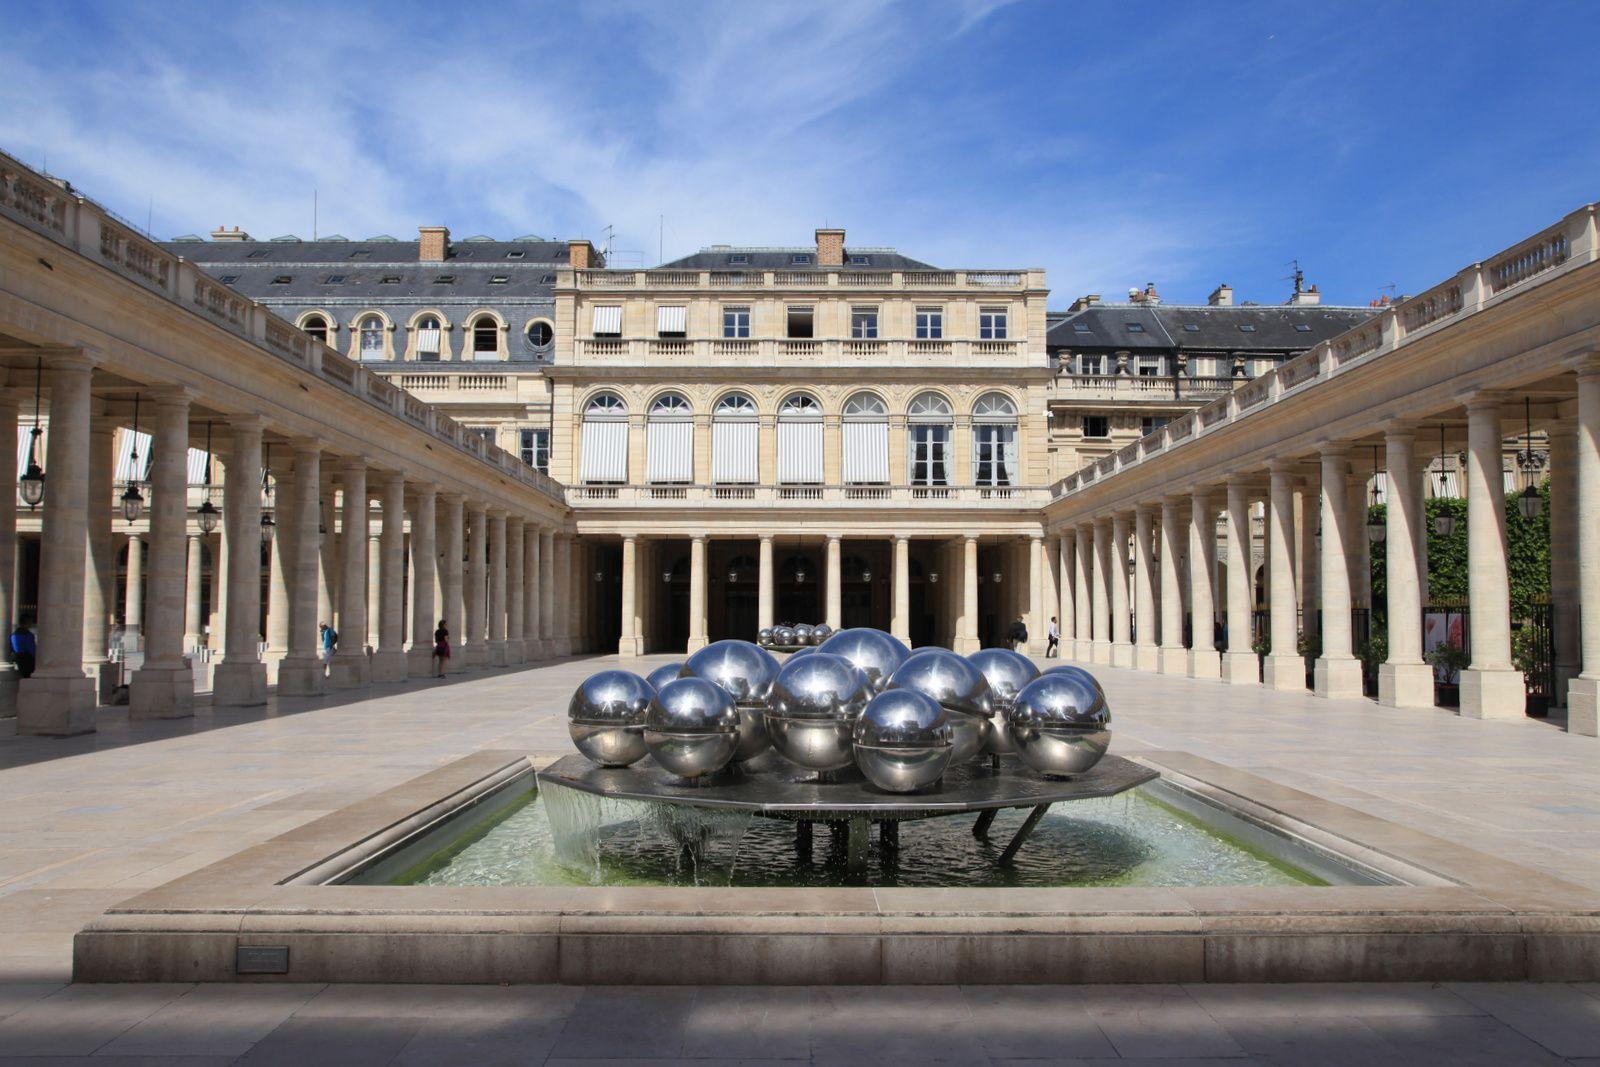 Fontaines, bassins et jets d'eau du 1er arrondissement de Paris